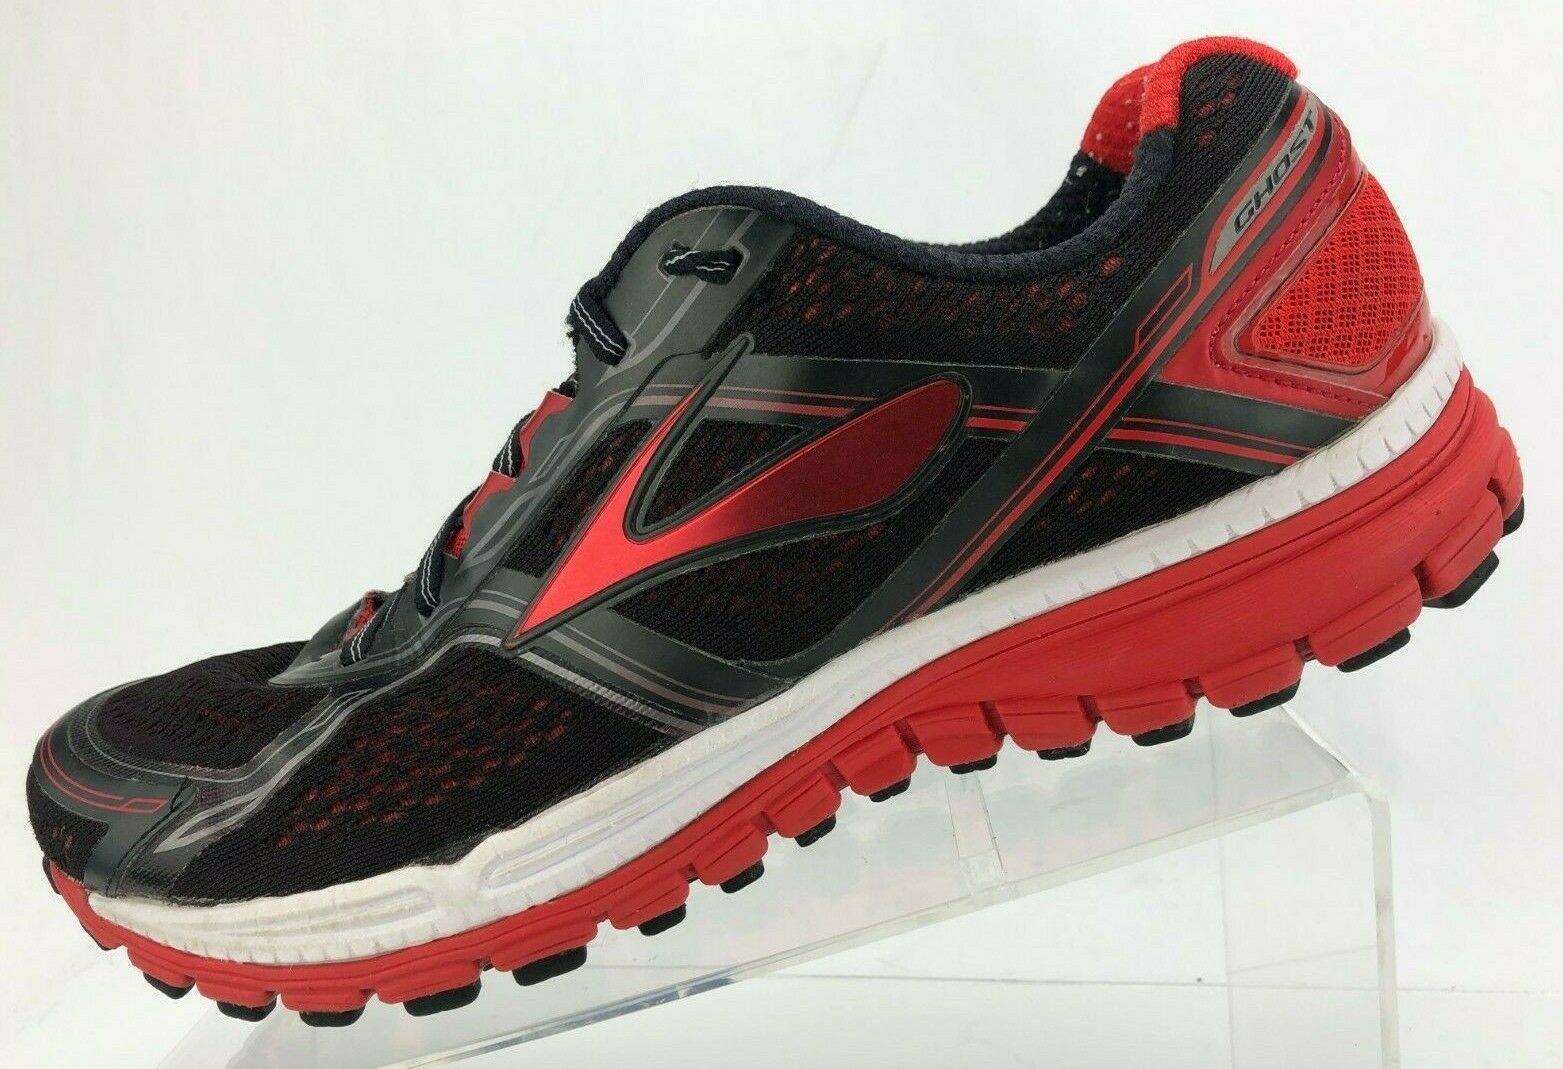 Brooks Ghost 8 Calzado para Correr Negro Rojo Zapatillas de entrenamiento de edición 8Th para hombre 11.5 D